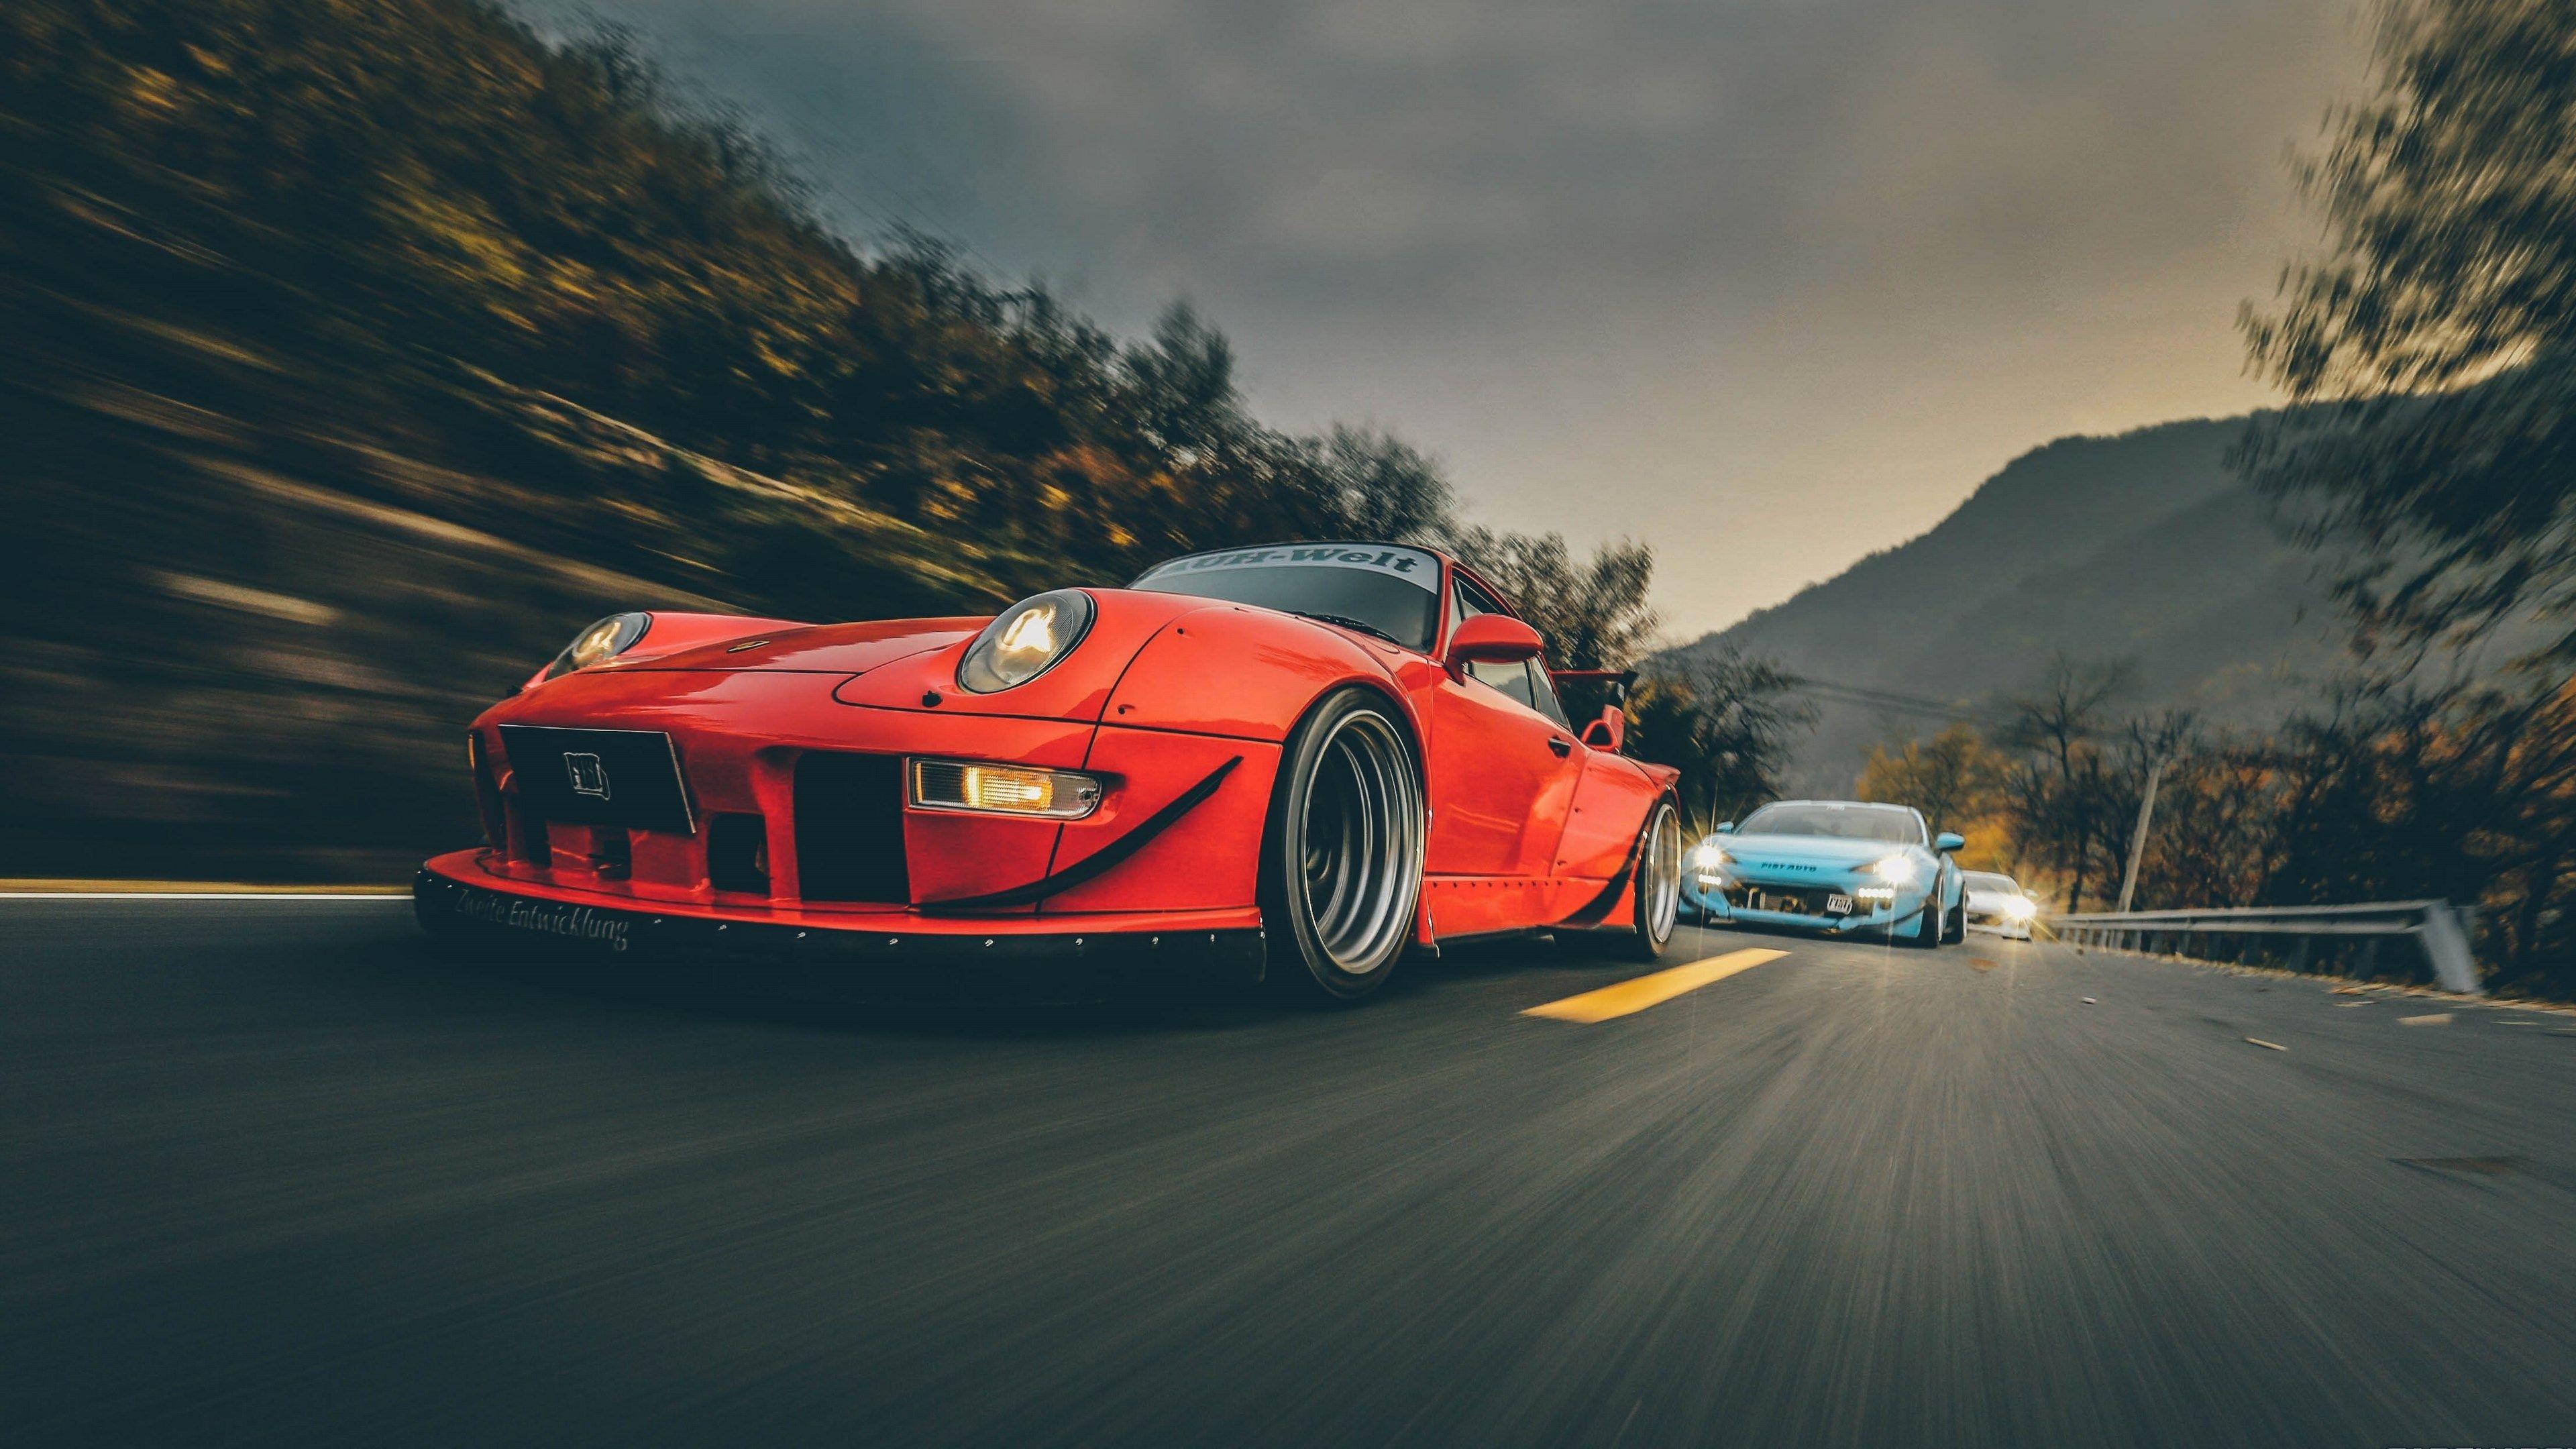 4k Wallpaper On Hd 3840x2160 Porsche 911 Turbo Porsche 911 Old Porsche 911